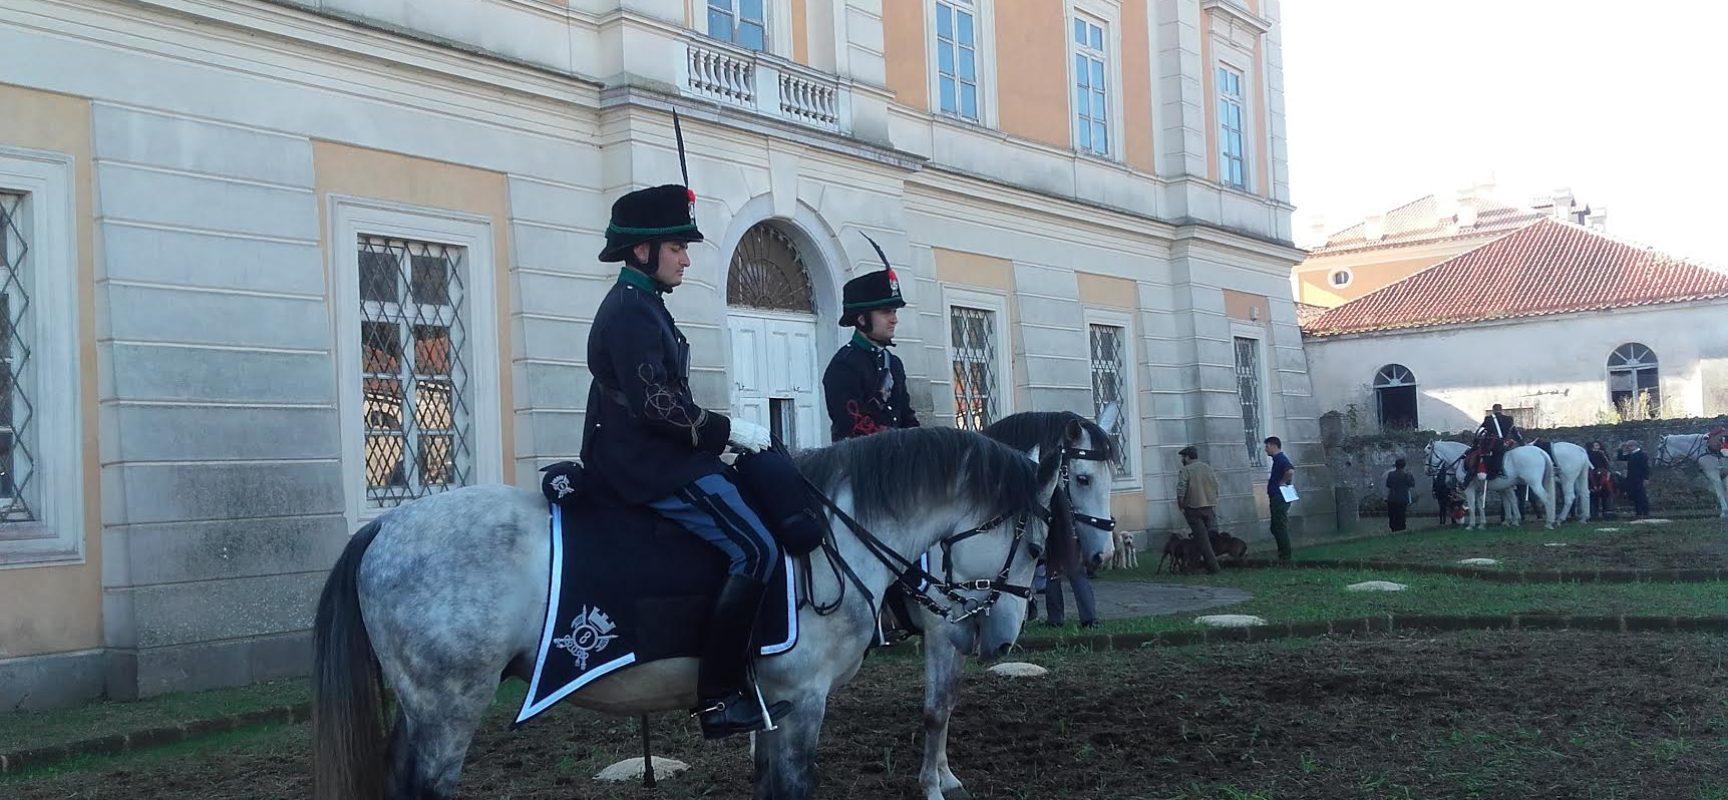 Carditello ritornano i cavalli borbonici